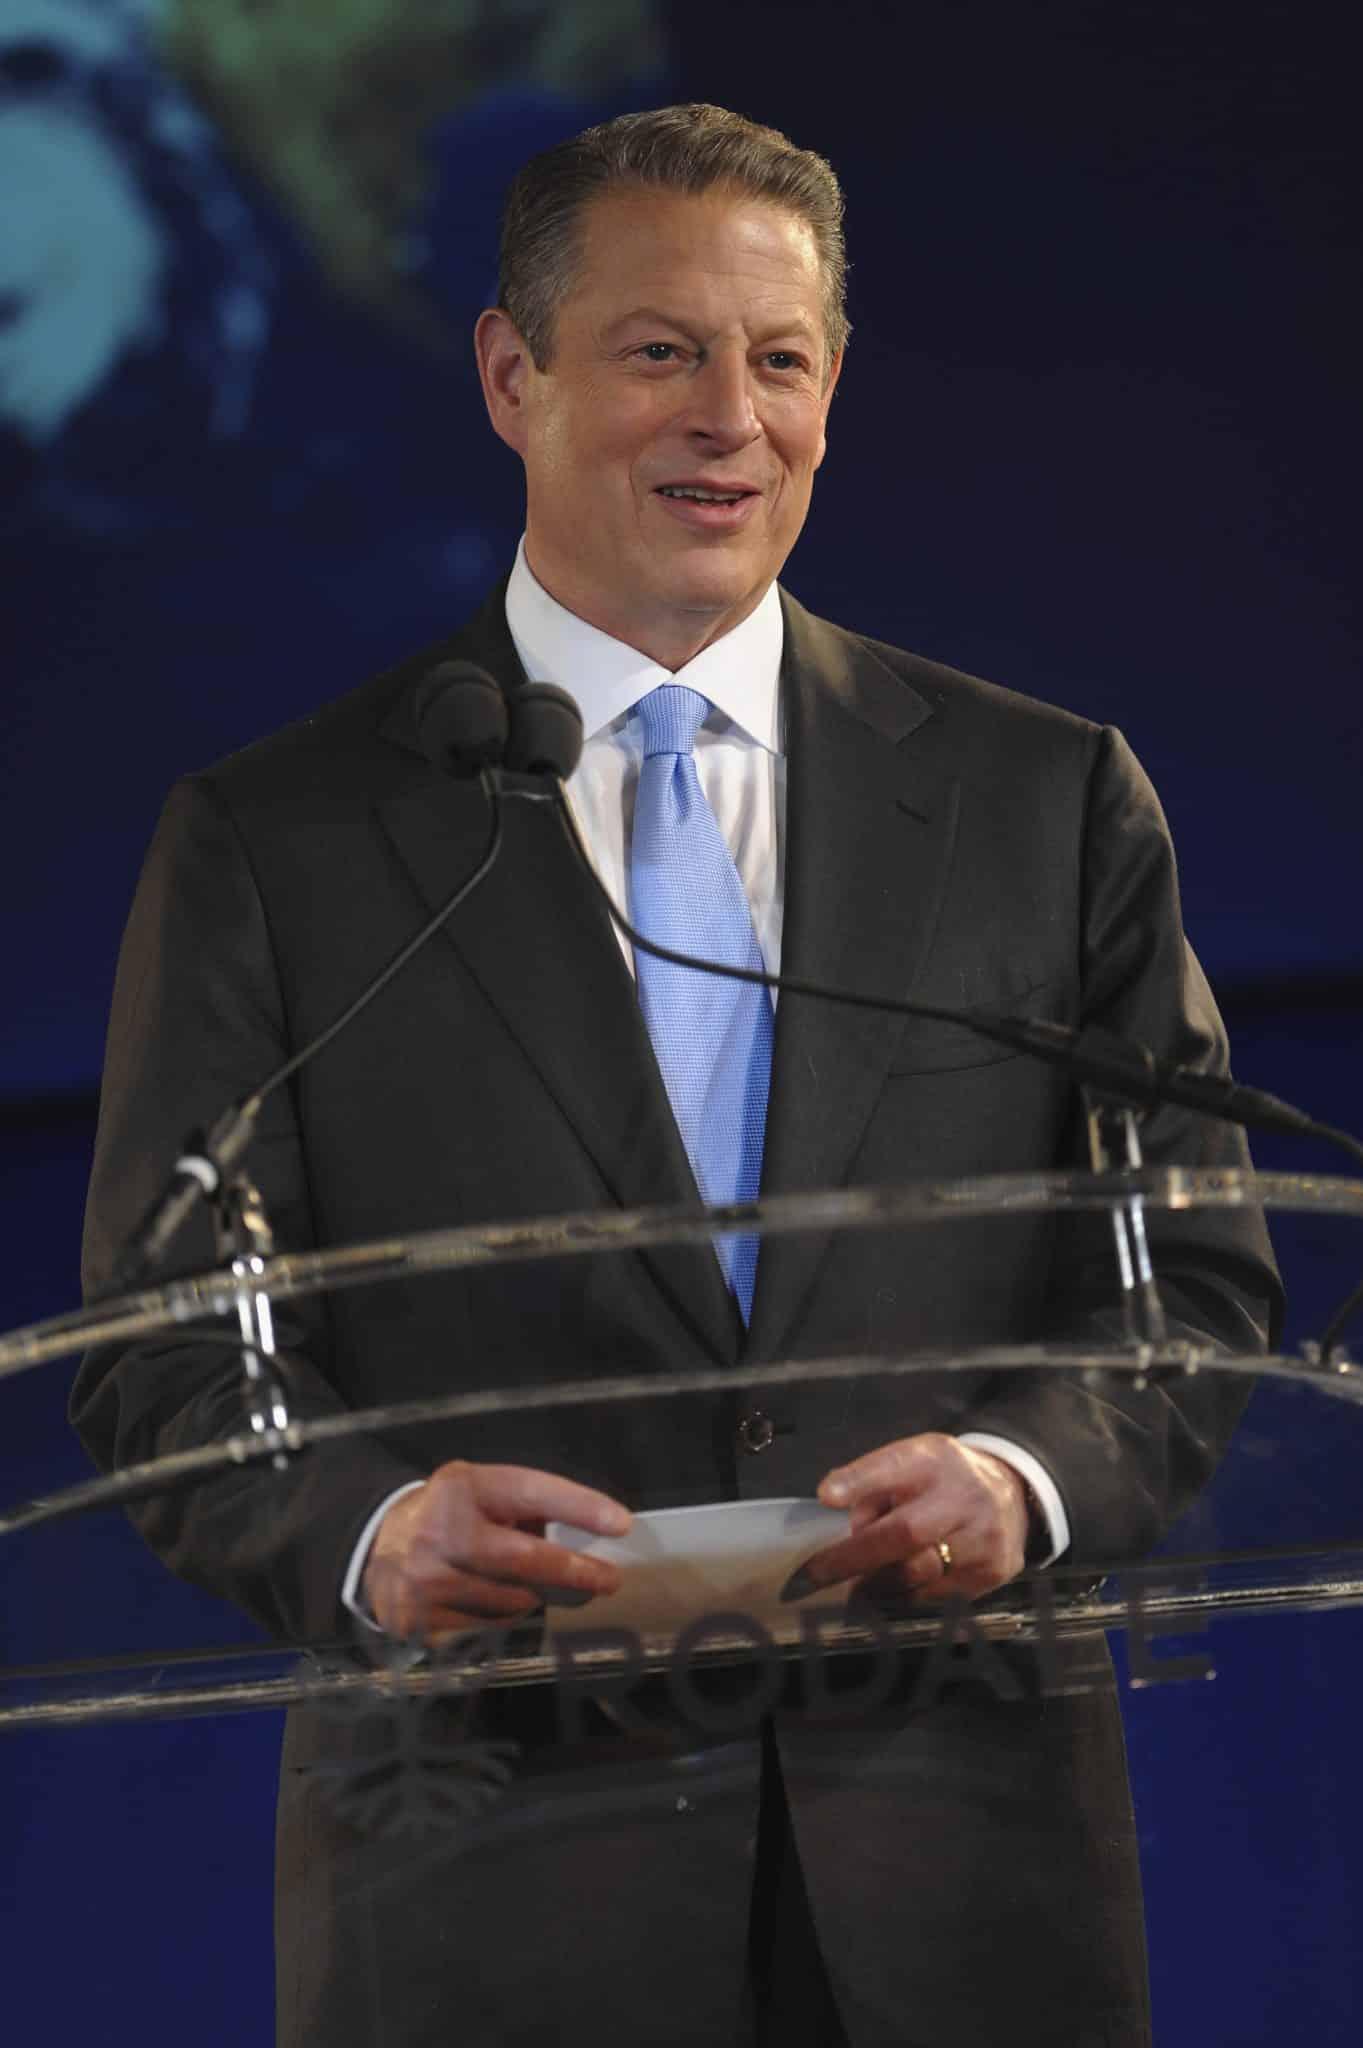 Al Gore: America's Dudley Do-Right